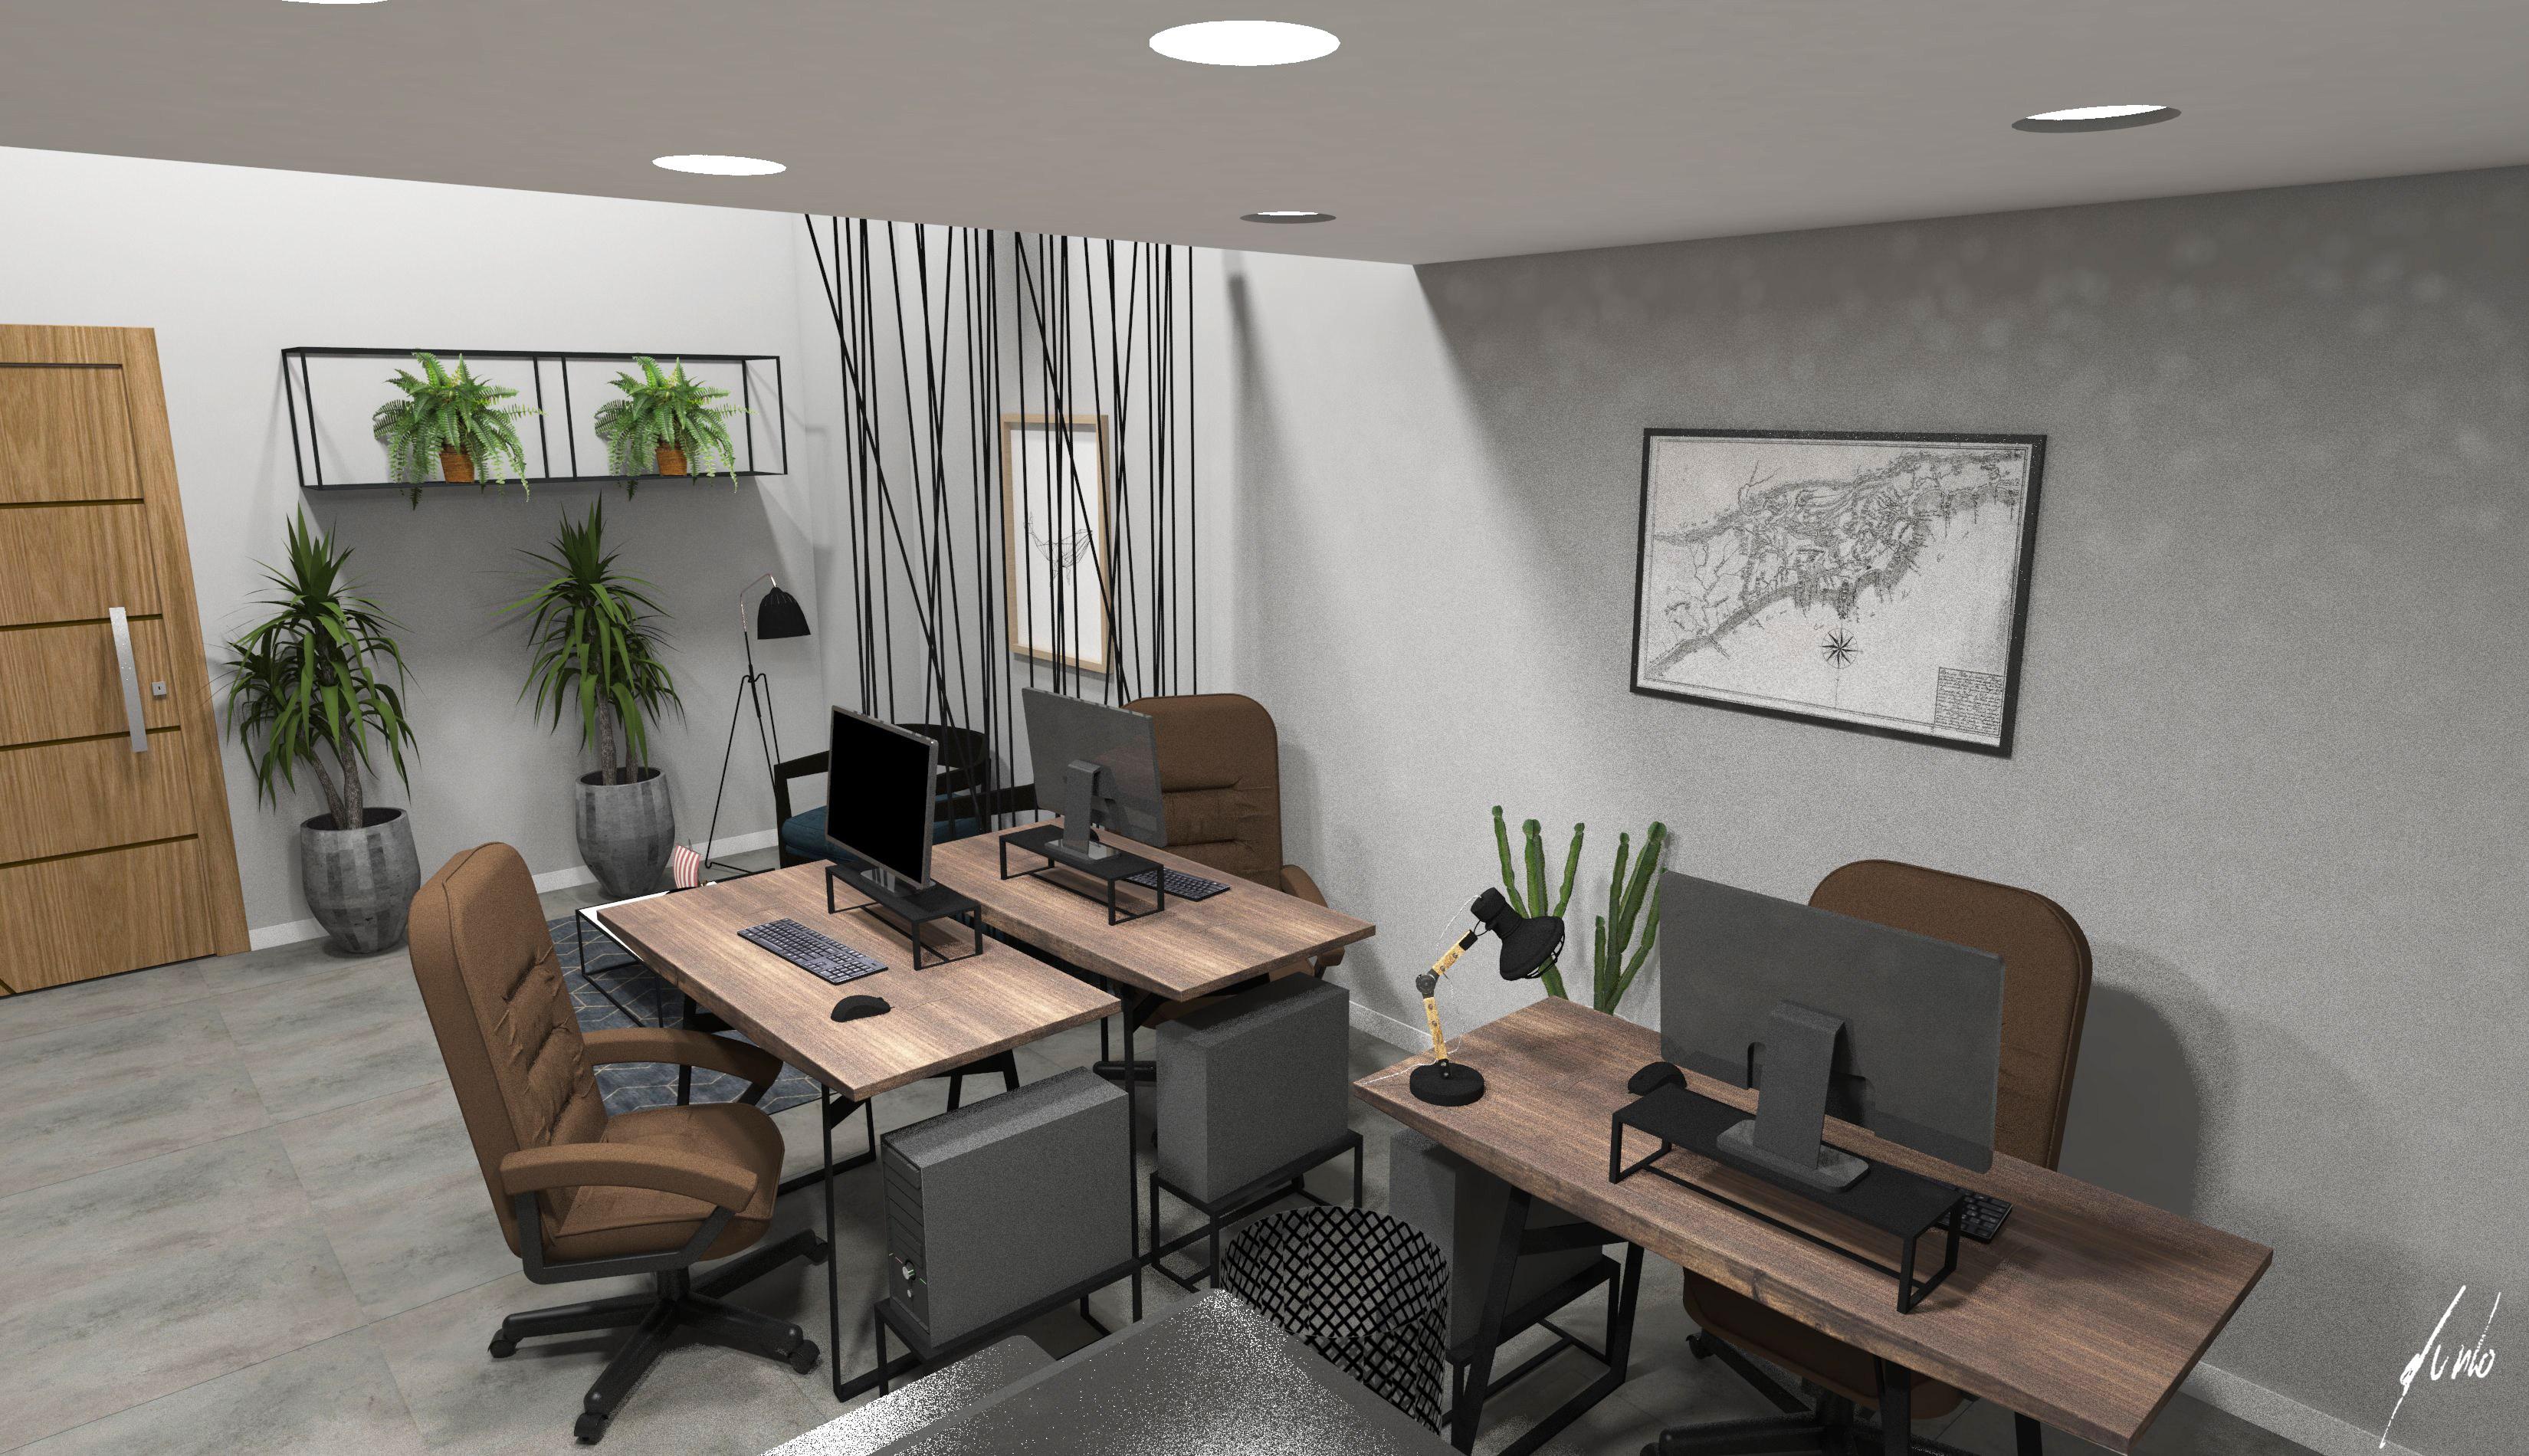 Modelos de escritorios modernos, projetos de escritorio moderno, escritorio industrial escritório com cimento queimado